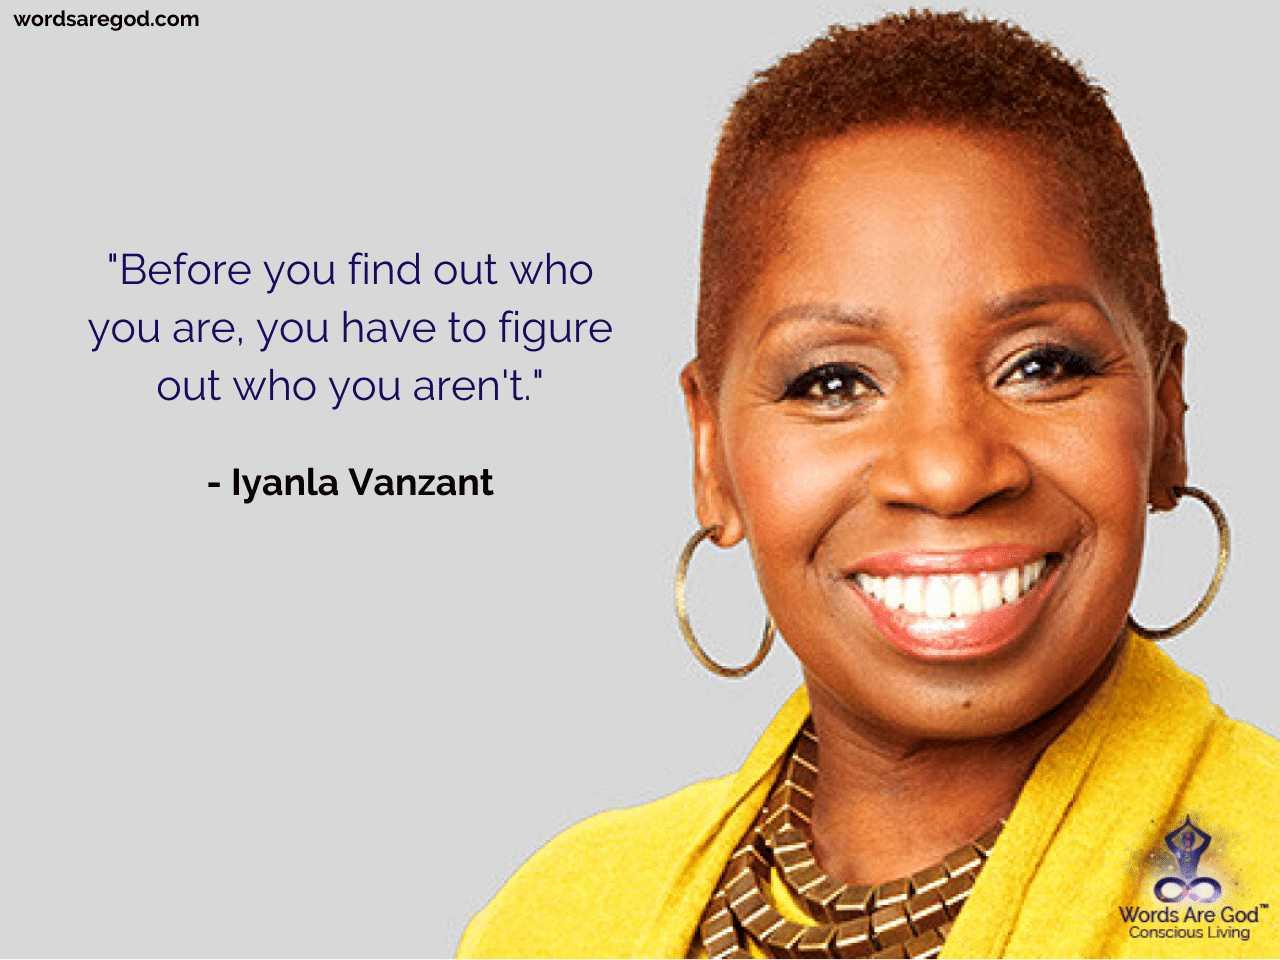 Iyanla Vanzant Best Quotes by Iyanla Vanzant